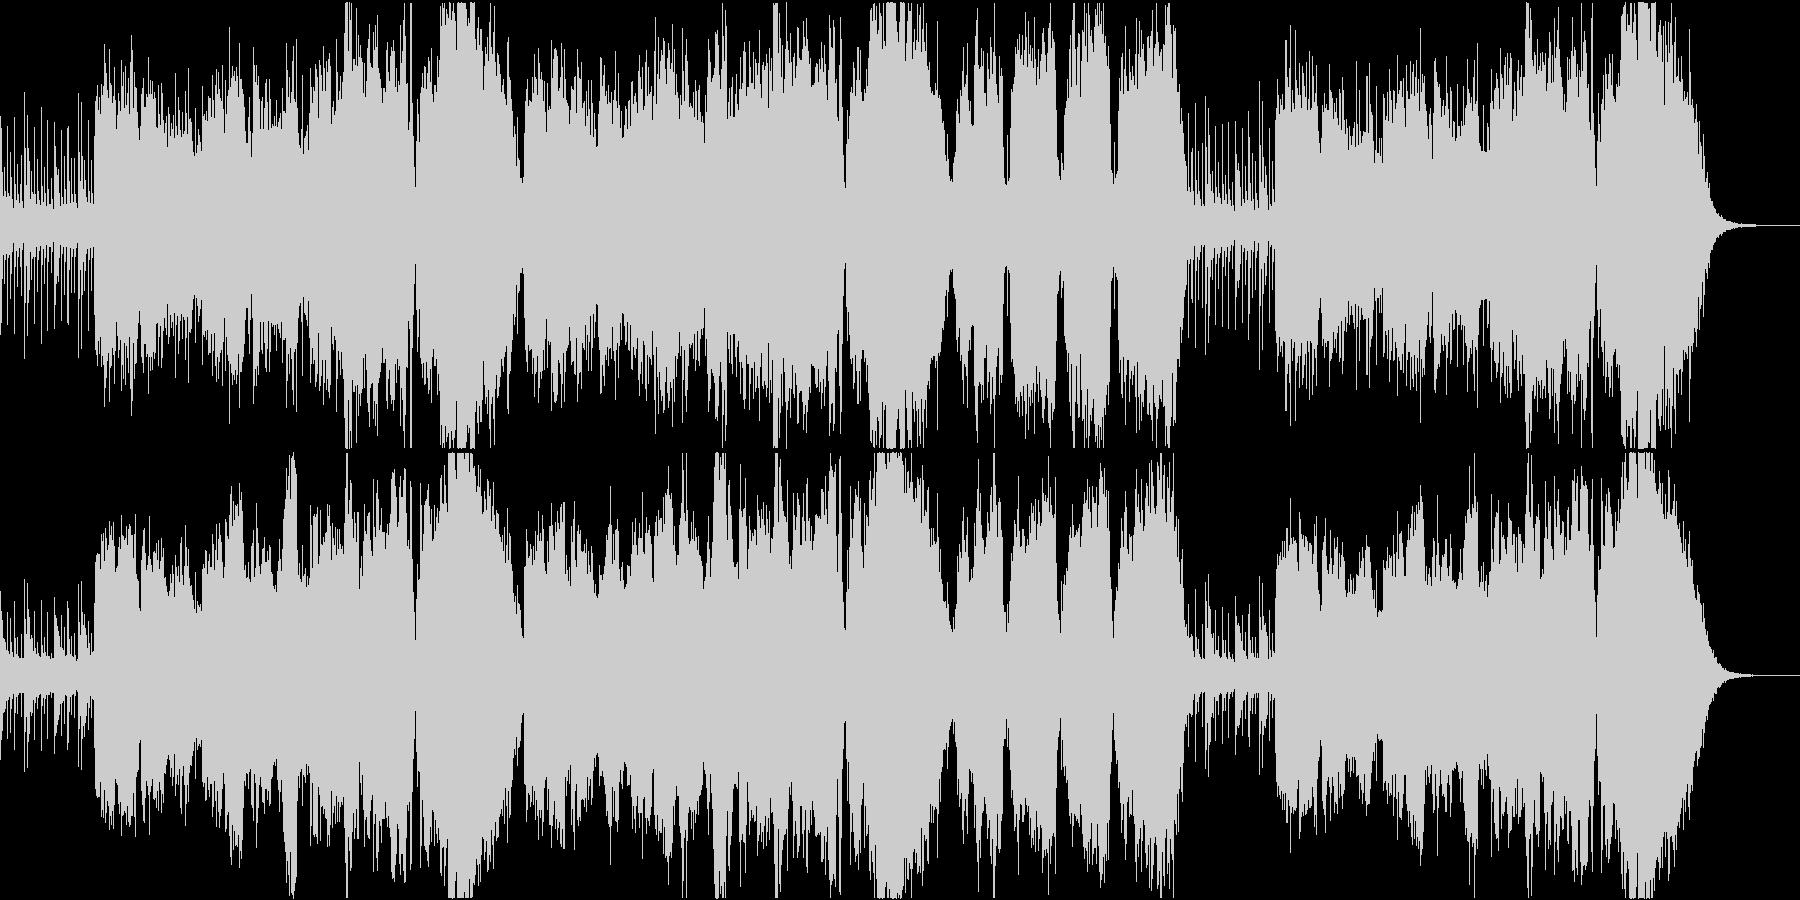 尺八が奏でる感動的なバラードの未再生の波形